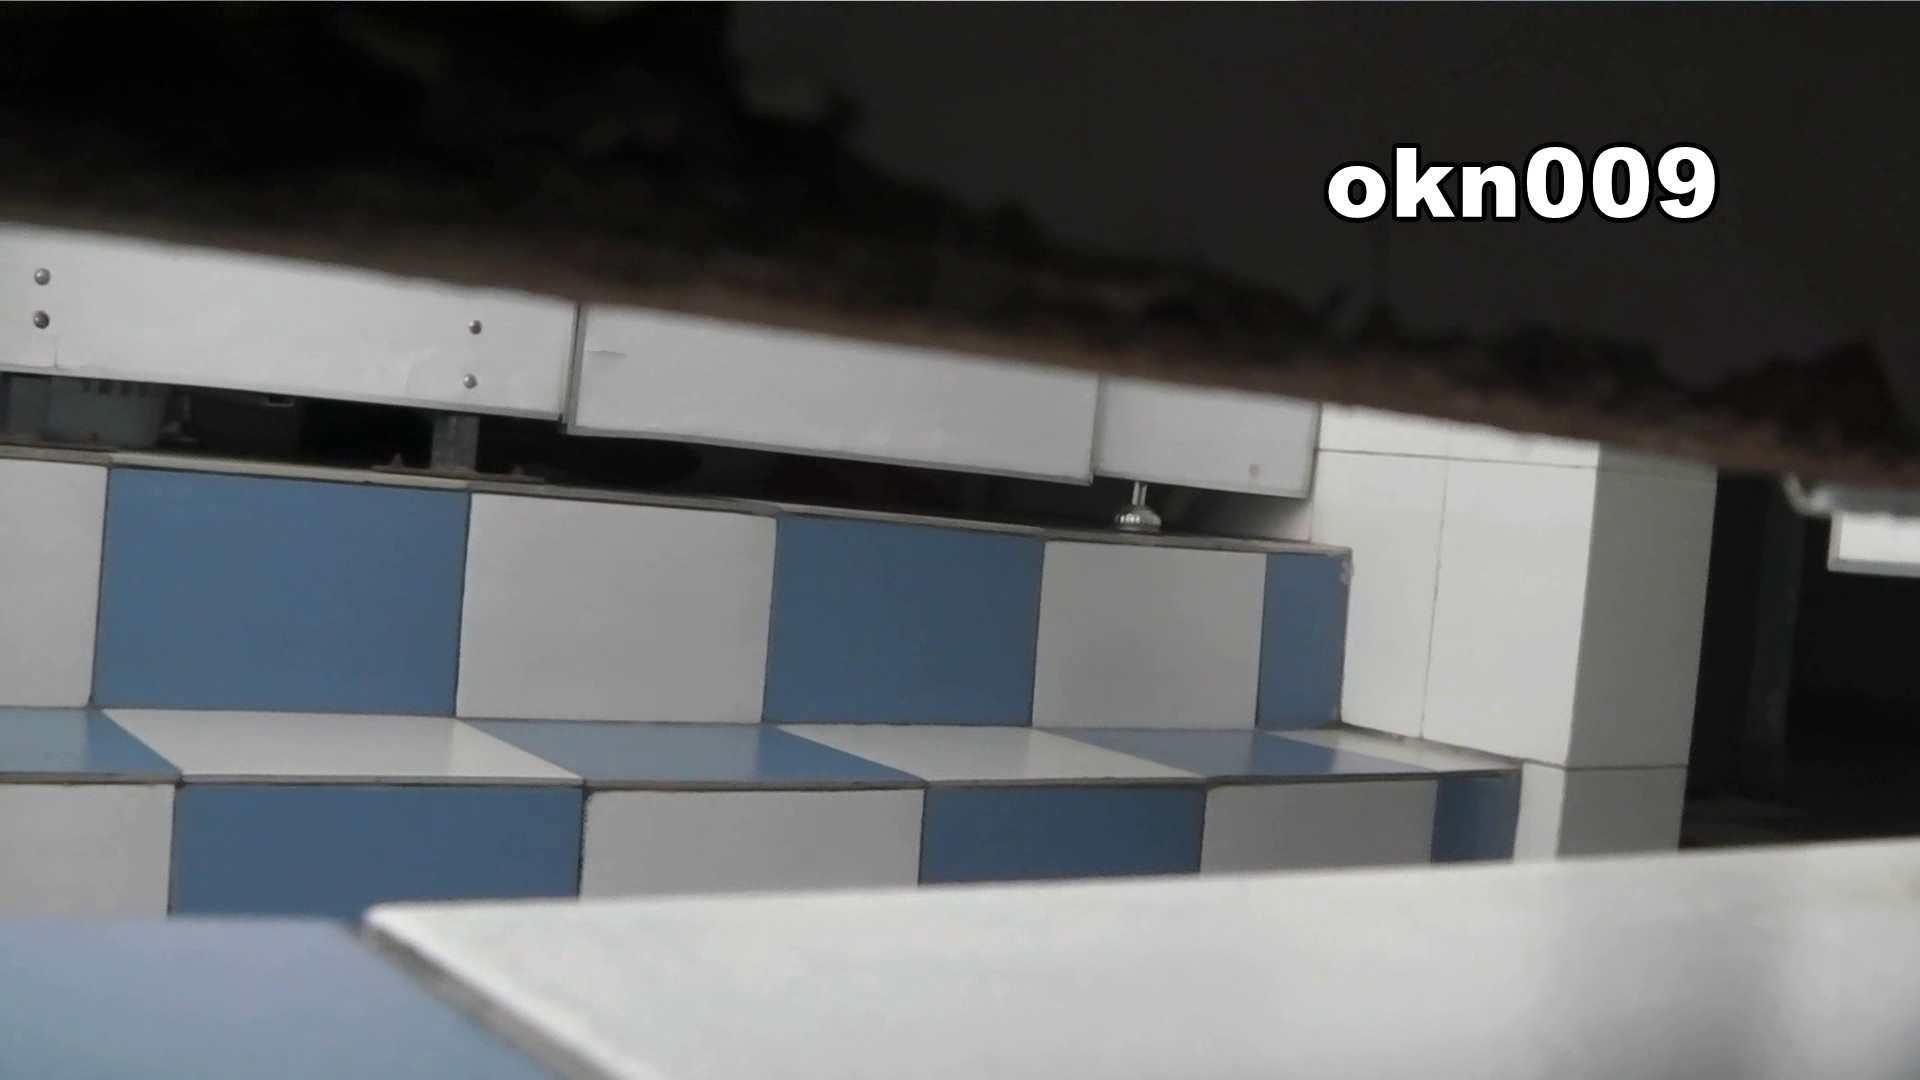 下からノゾム vol.009 リキンでモリアガった割にヒョロ 盛合せ  72画像 4